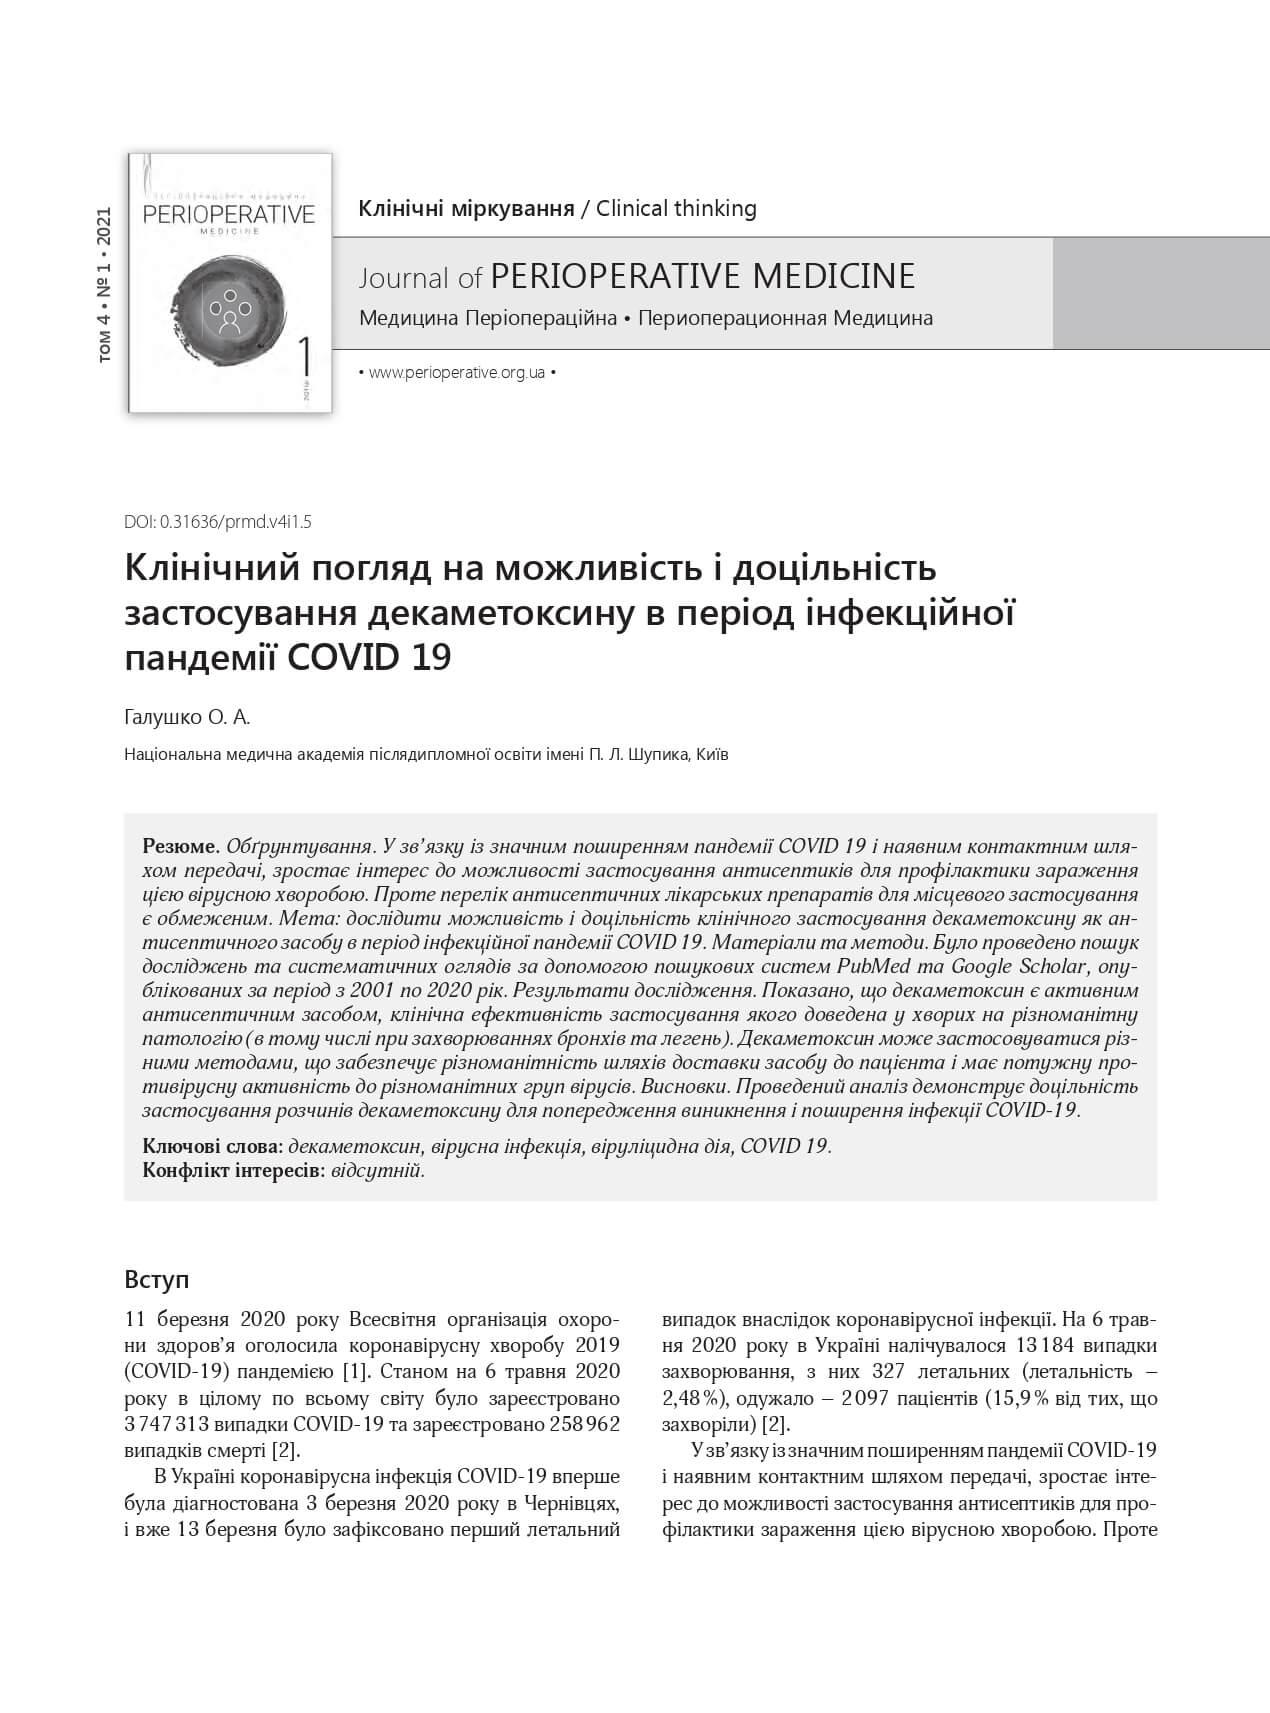 Клінічний погляд на можливість і доцільність застосування декаметоксину в період інфекційної пандемії COVID 19